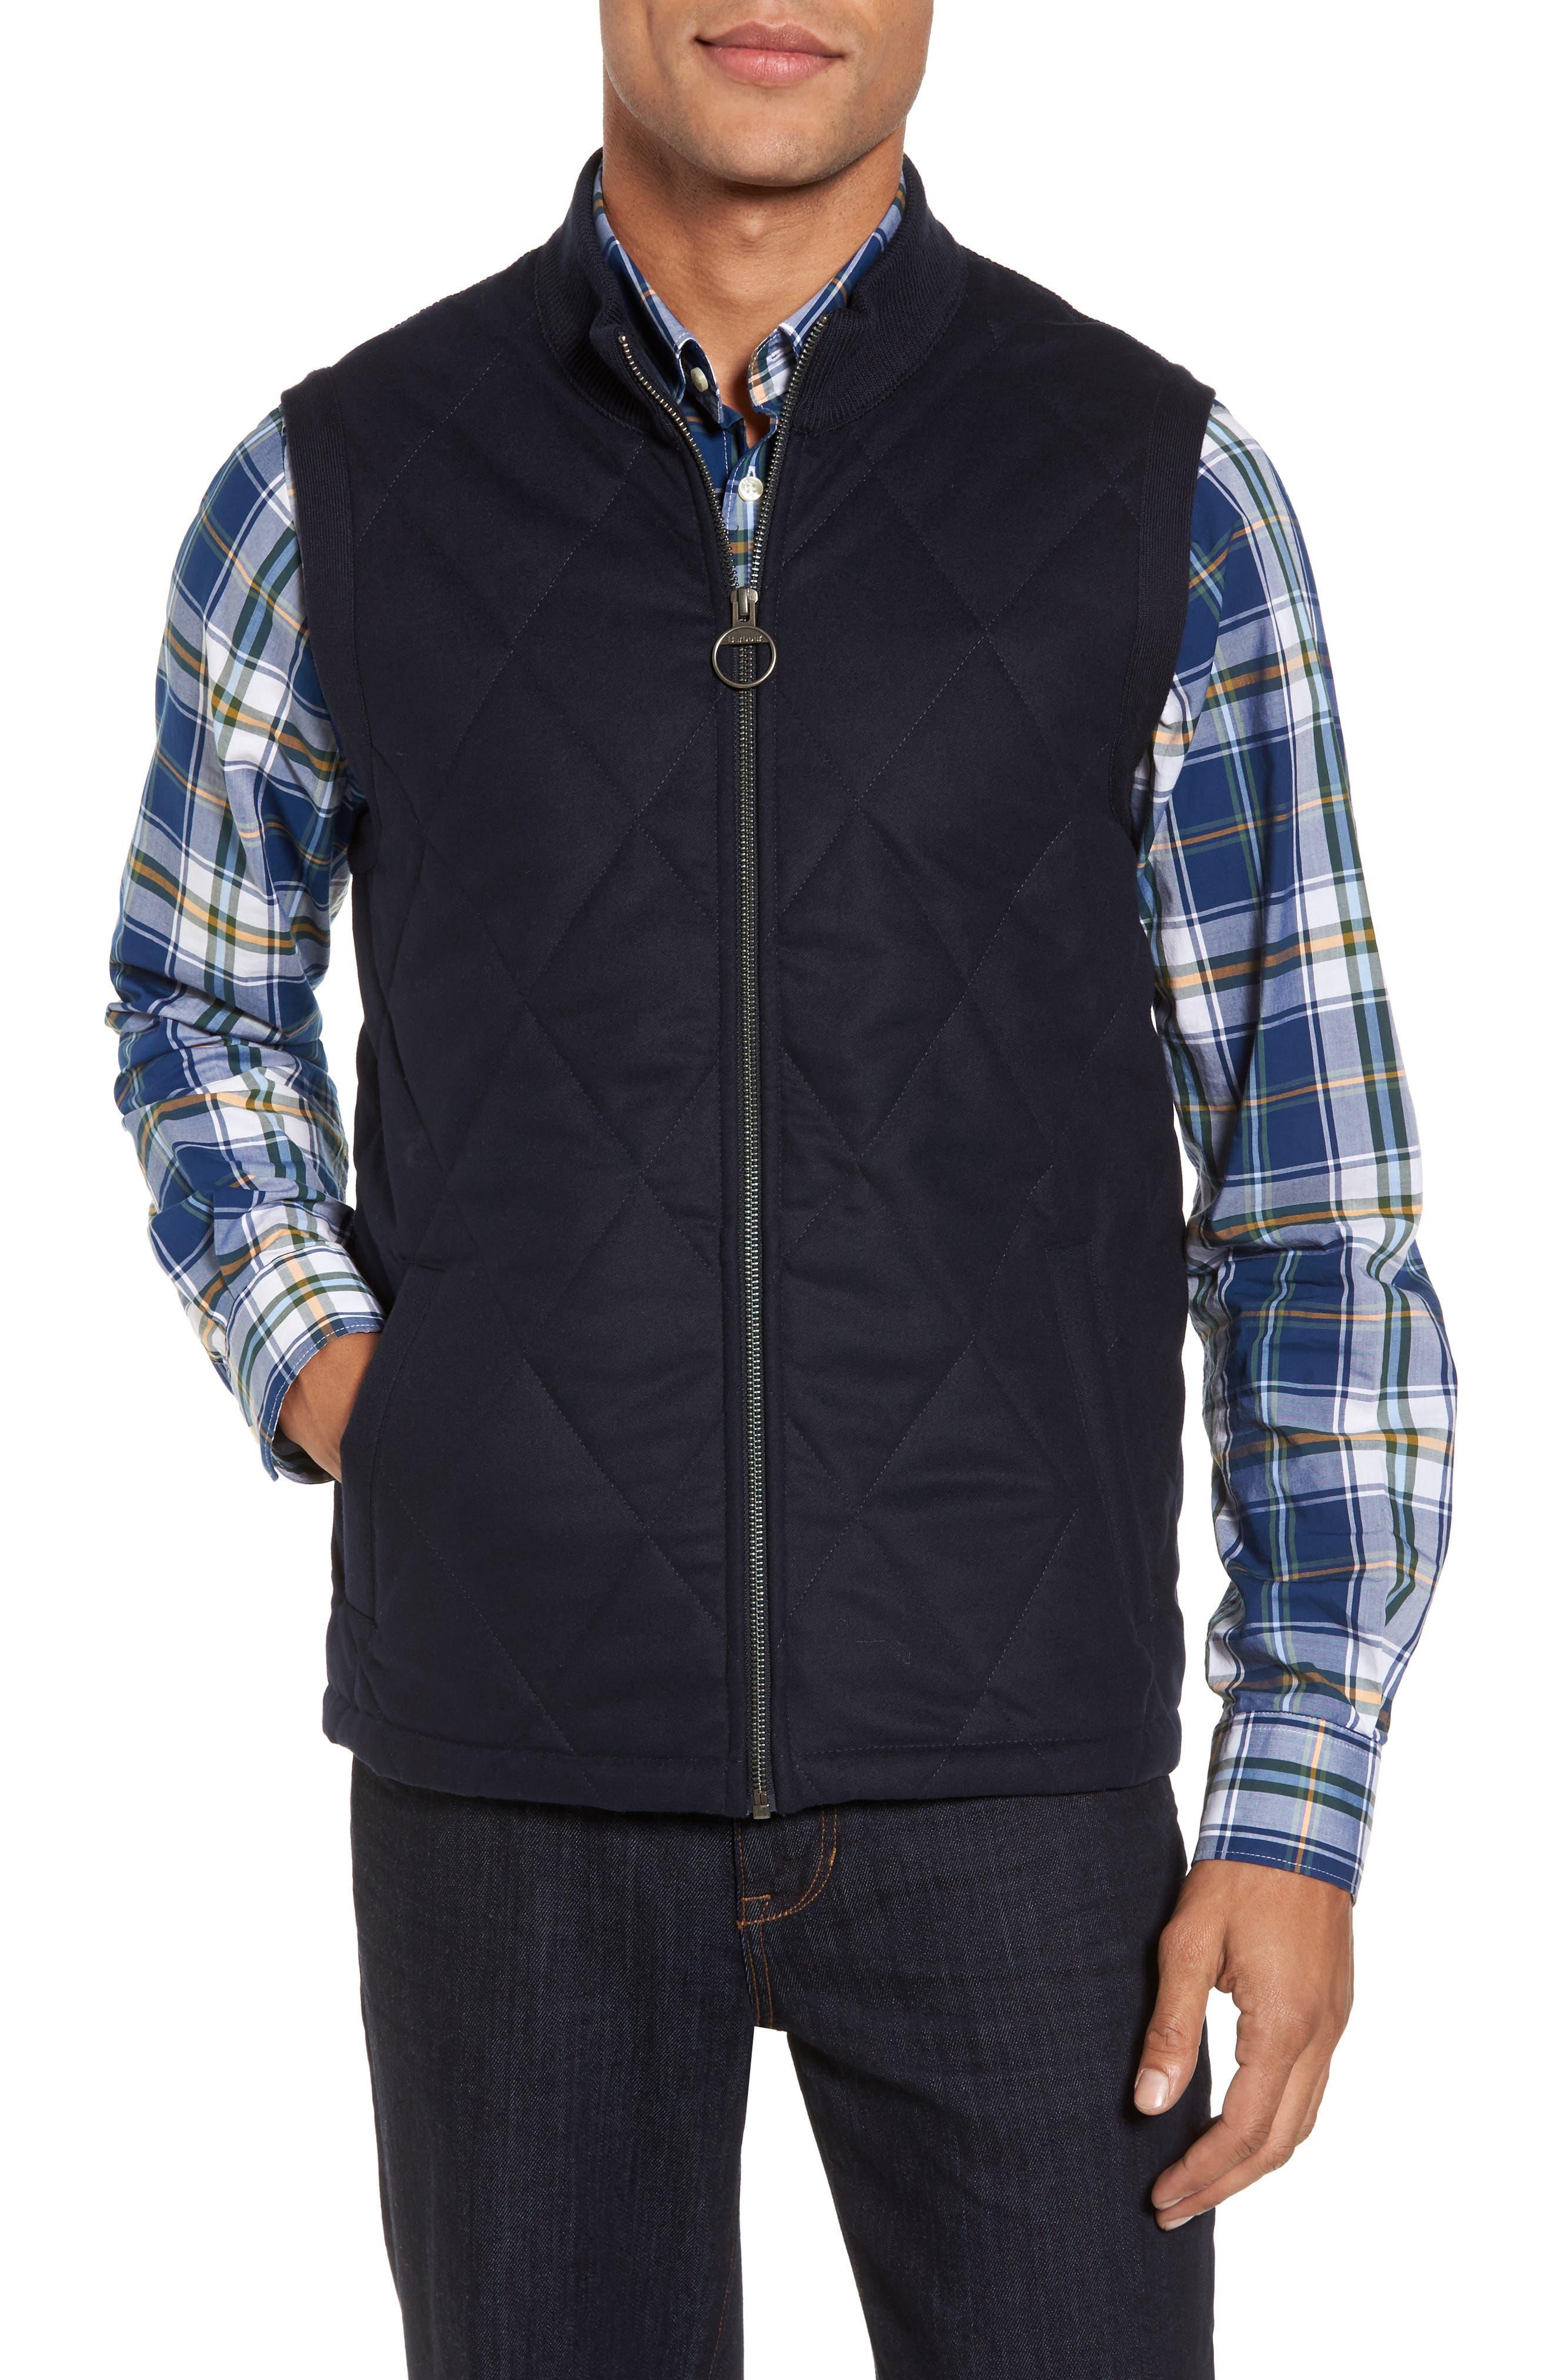 Barra Mixed Media Vest,                             Main thumbnail 1, color,                             410